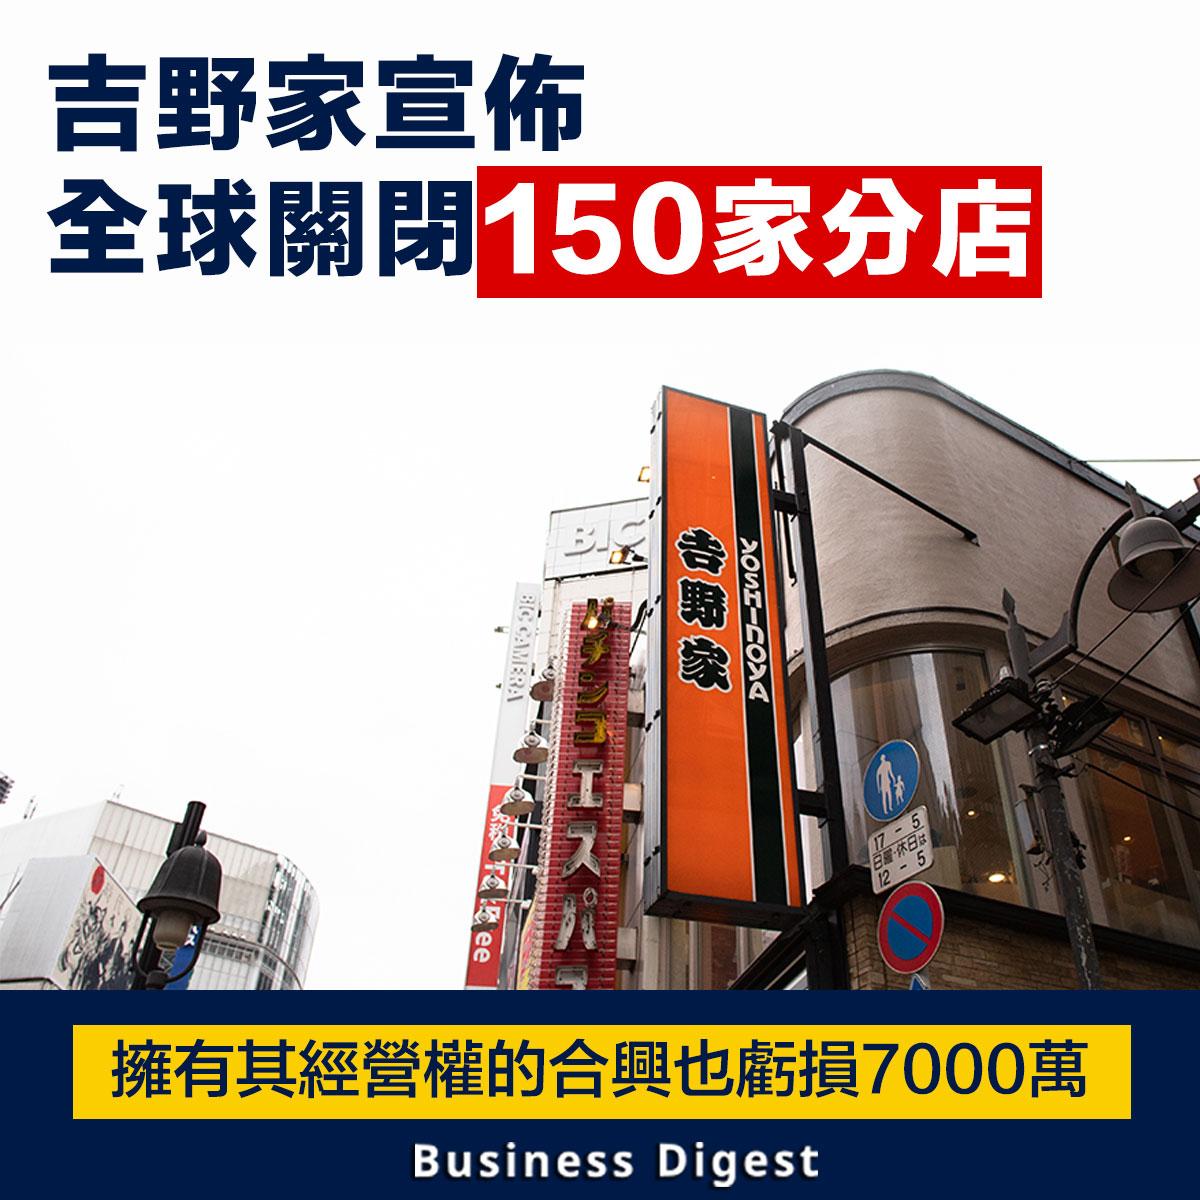 【商業熱話】吉野家宣佈全球關閉150家分店